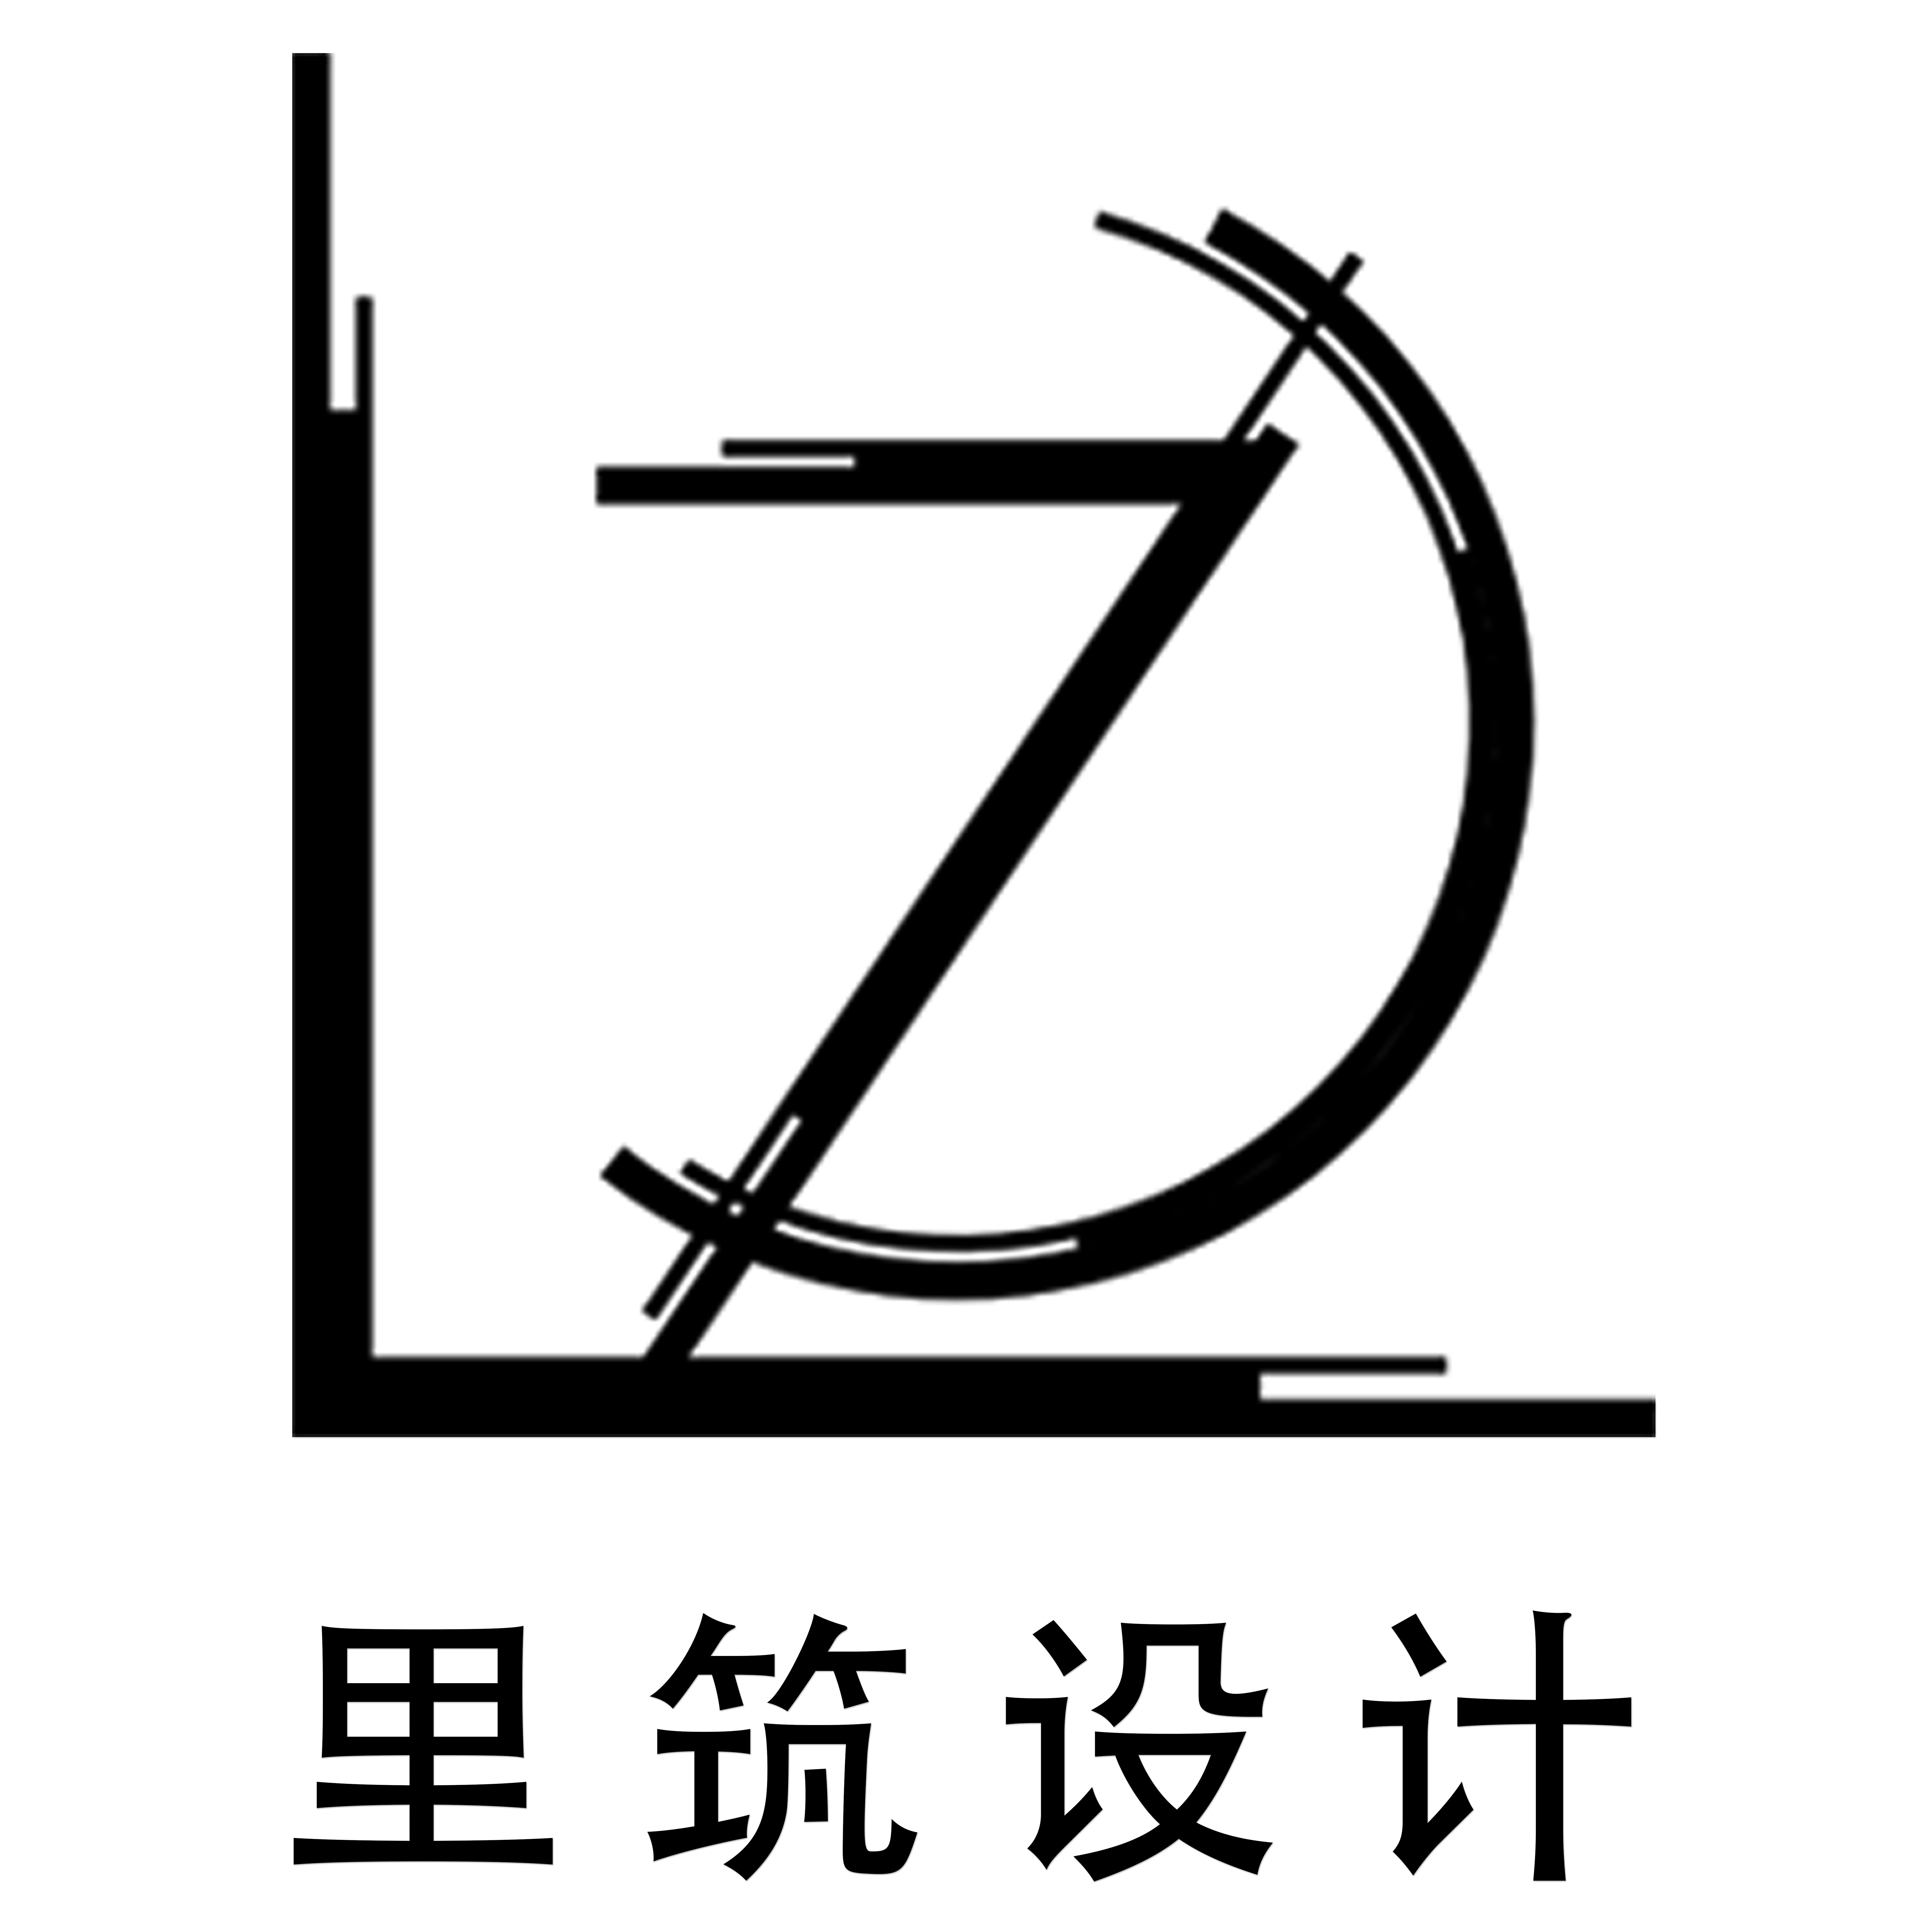 深圳里筑设计有限公司招聘信息